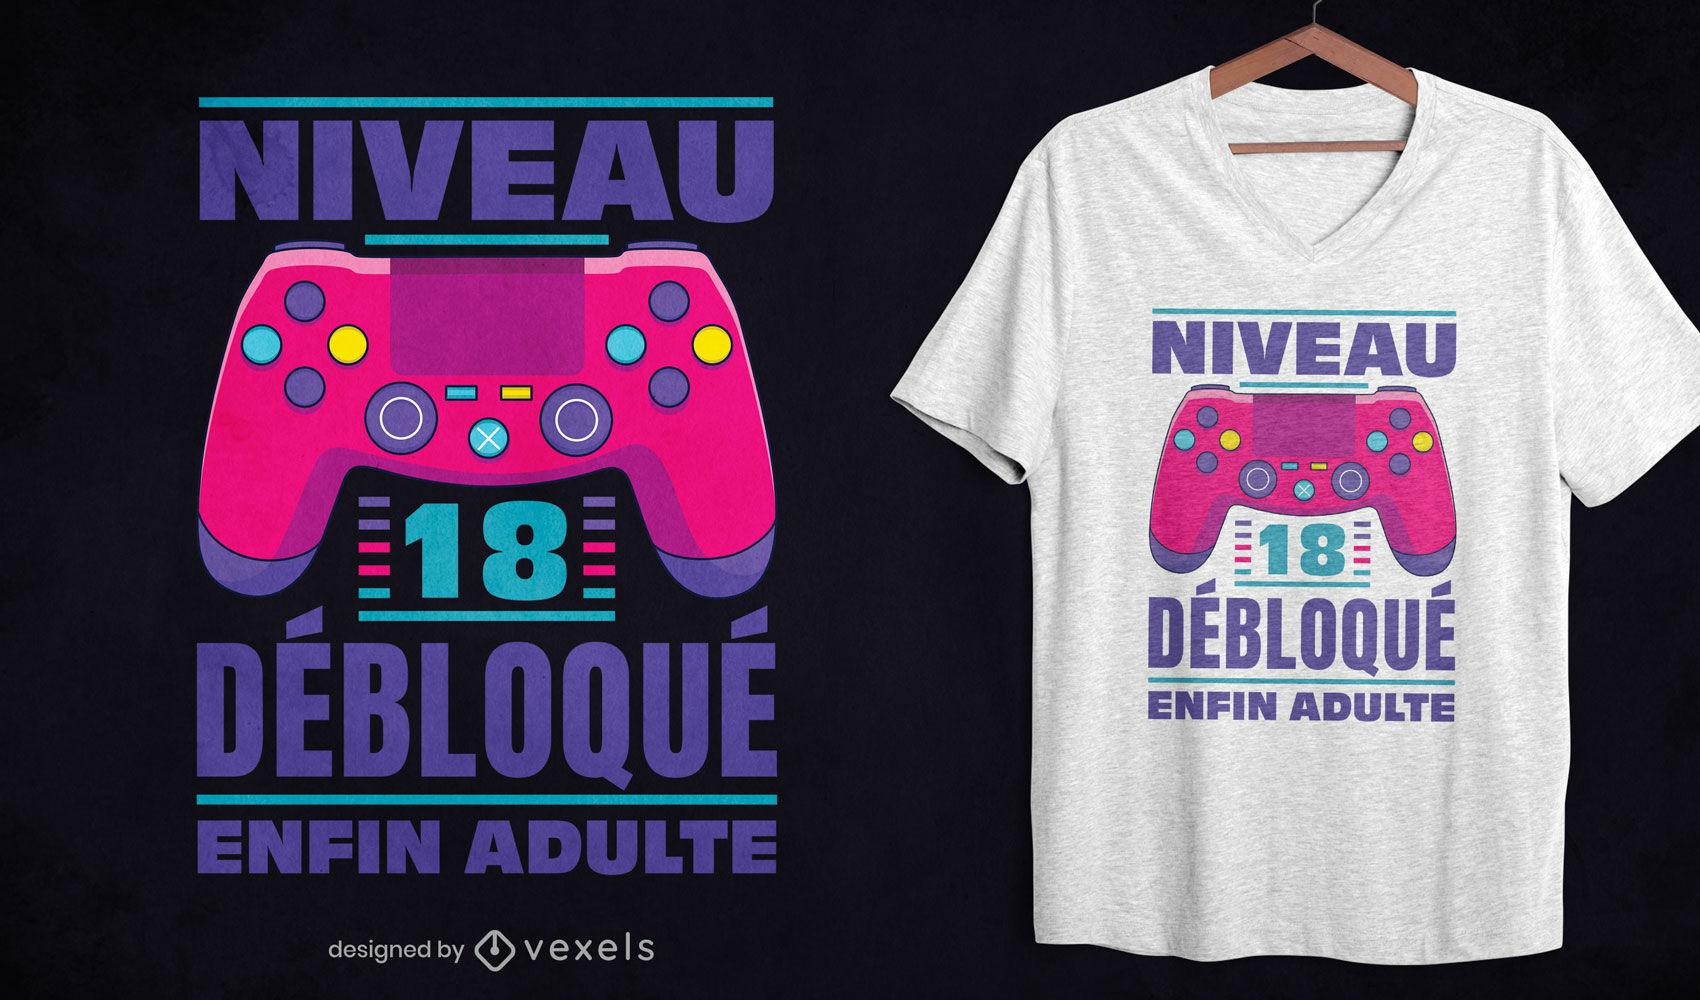 Finally an adult t-shirt design